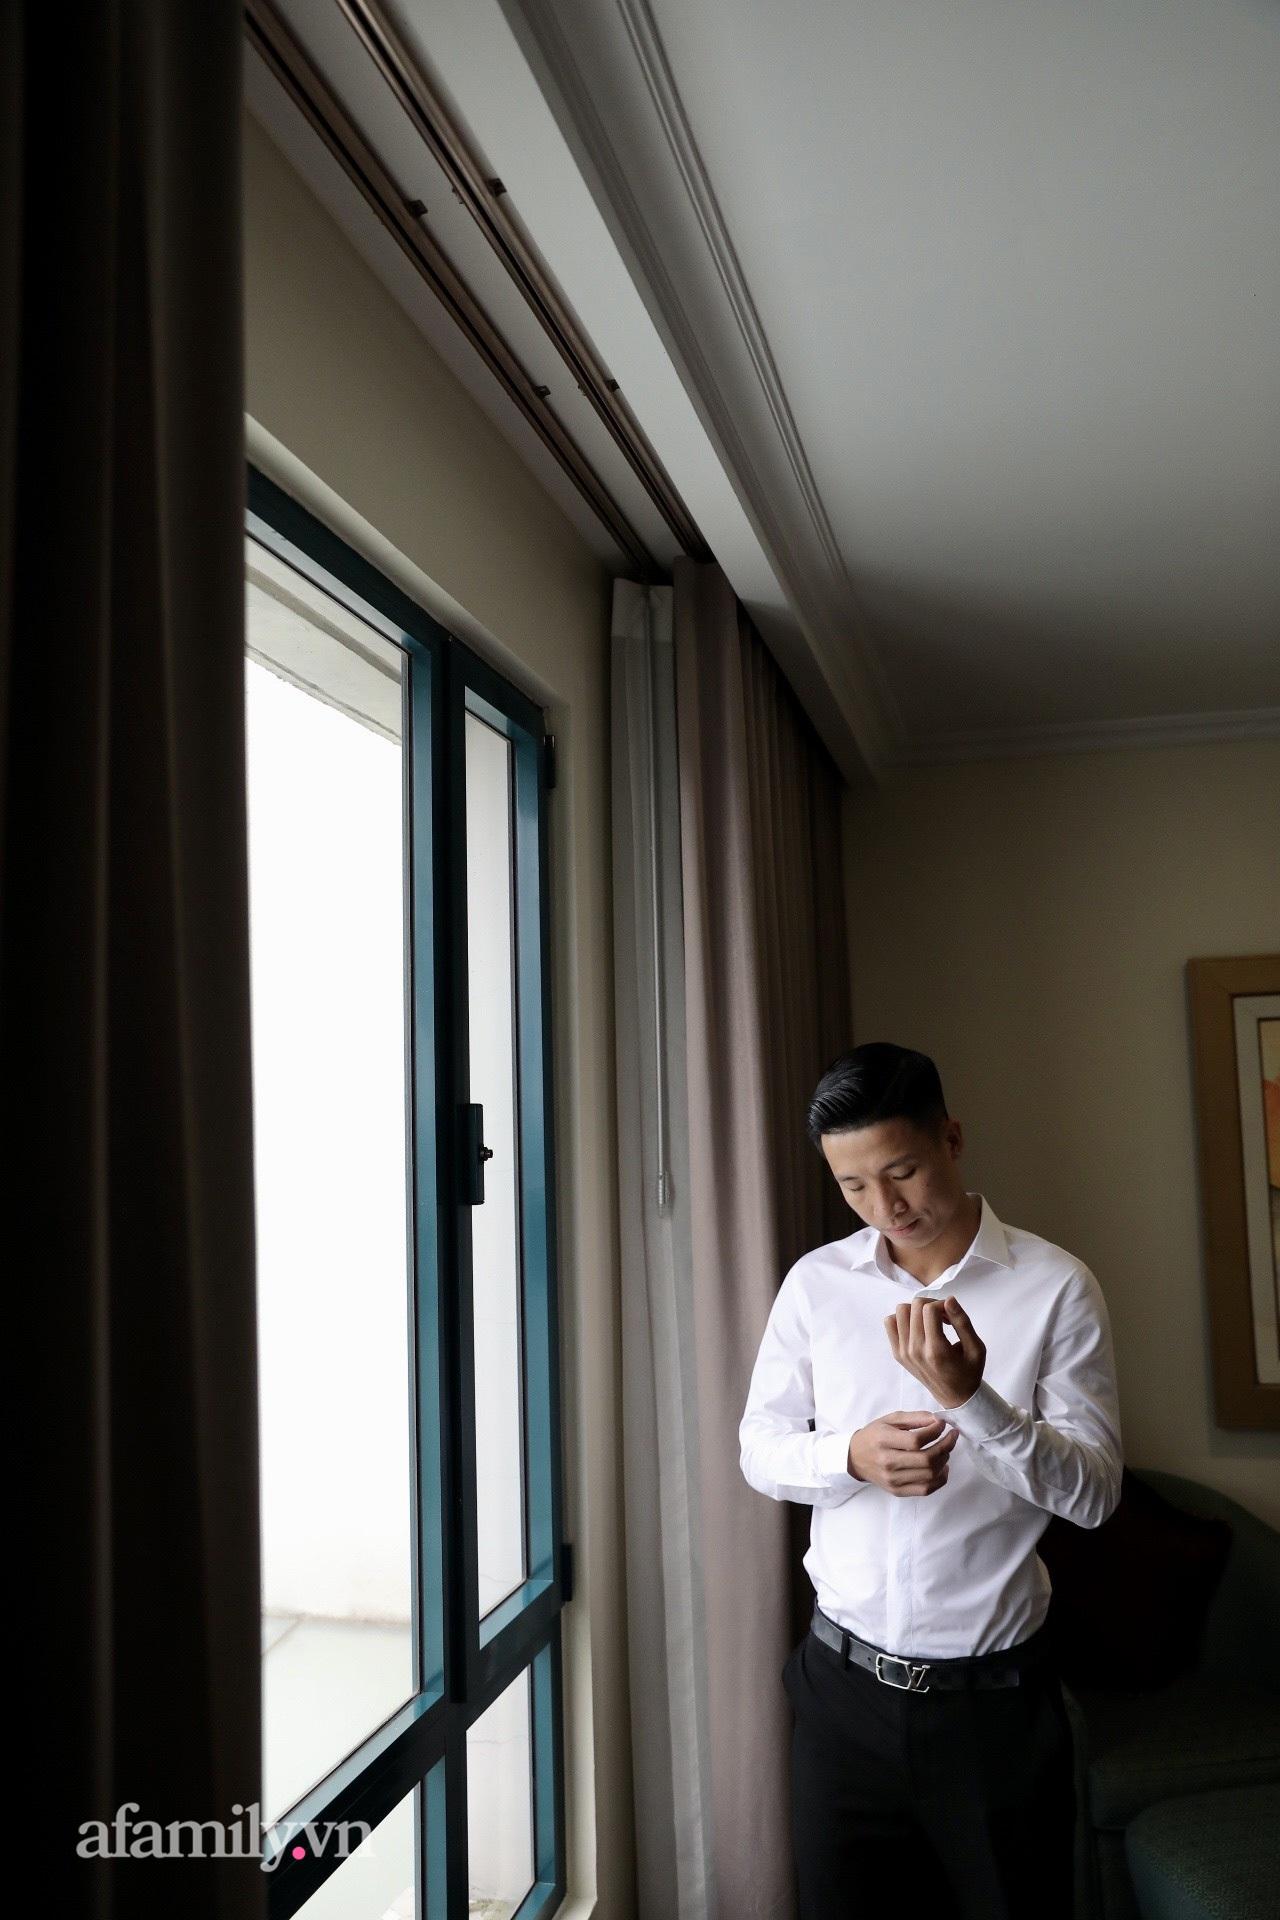 Hình ảnh đầu tiên của cặp đôi Bùi Tiến Dũng - Khánh Linh ở khách sạn tổ chức đám cưới tại Hà Nội, nhan sắc cô dâu xinh đến ngỡ ngàng-3